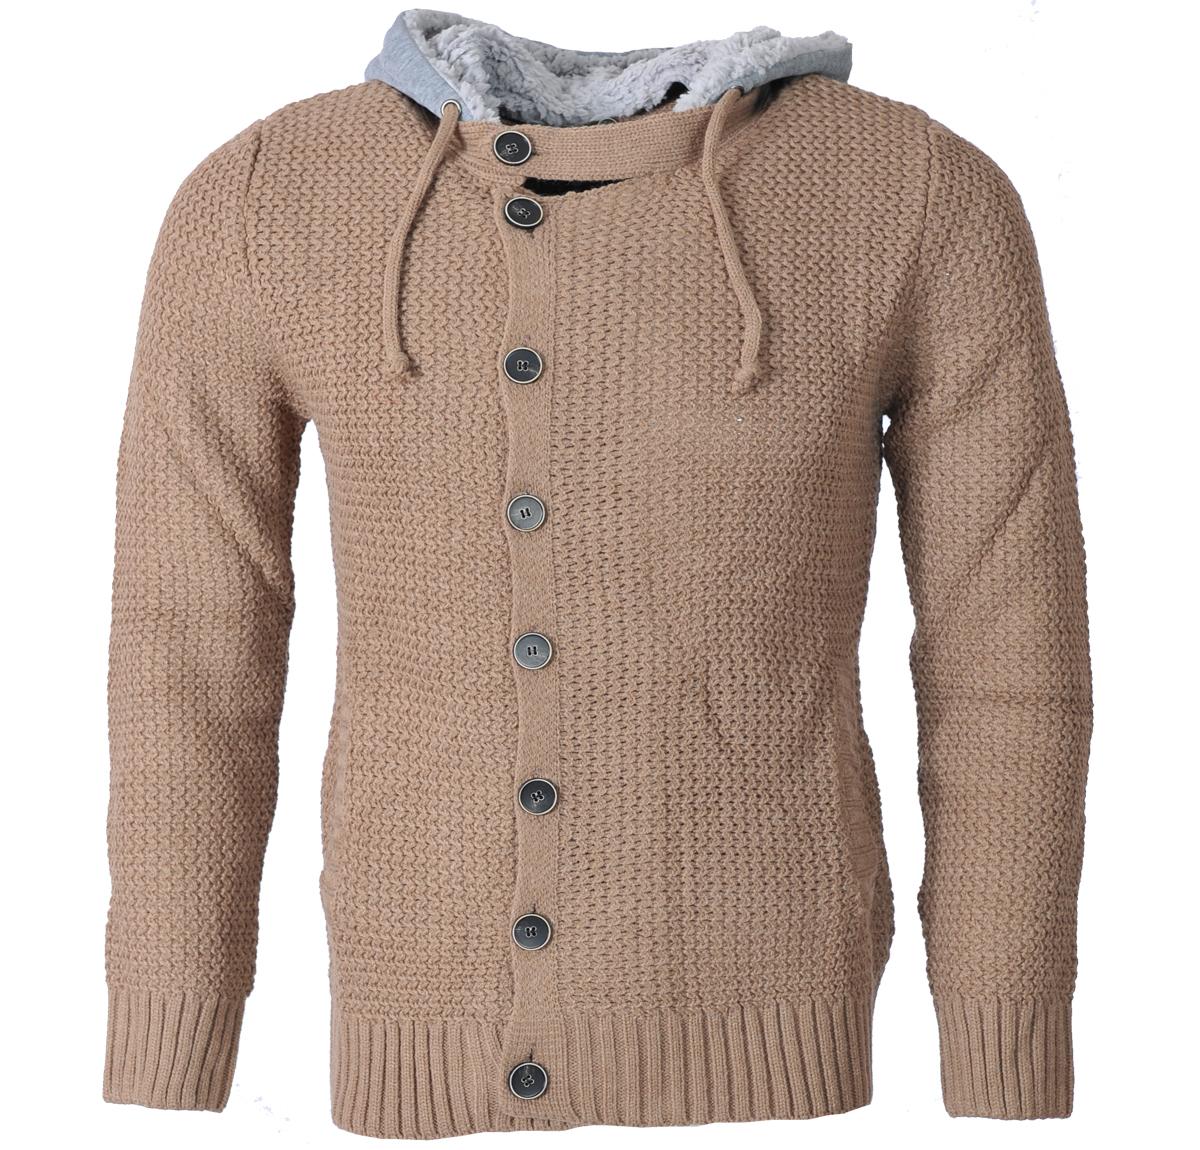 Ανδρική Πλεκτή Ζακέτα Pretty-Μπεζ αρχική ανδρικά ρούχα ζακέτες